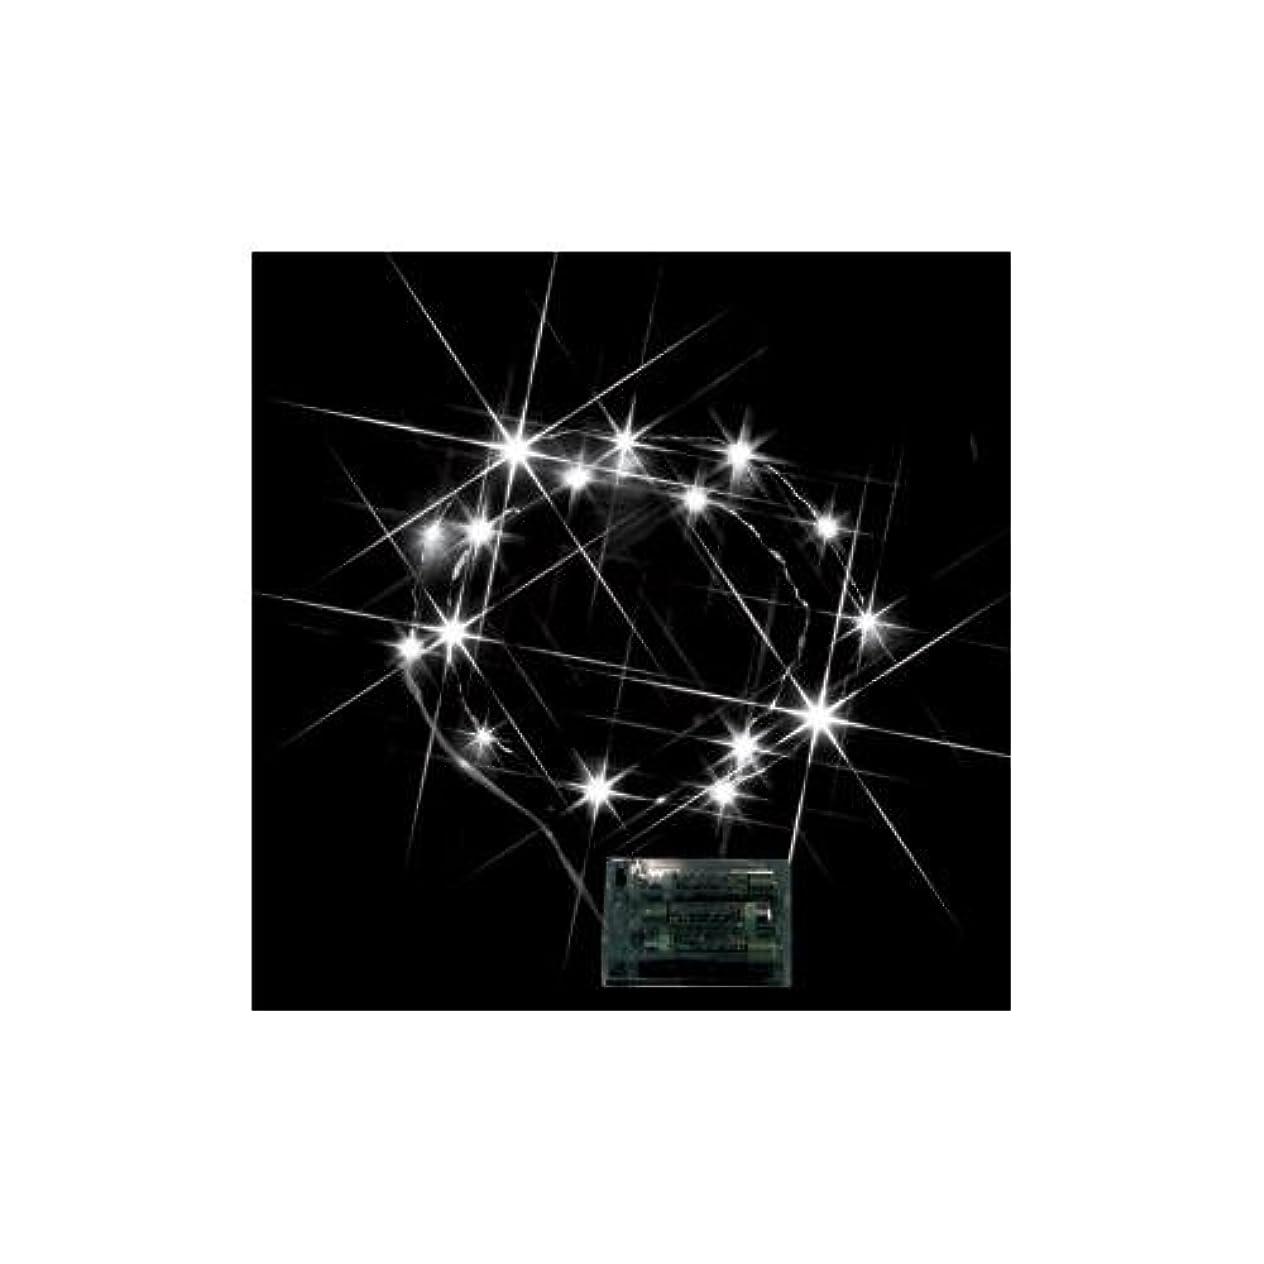 首尾一貫したダイジェスト運動ジェフコム LEDミニストリングライト (電池式) 白 STM-G01W